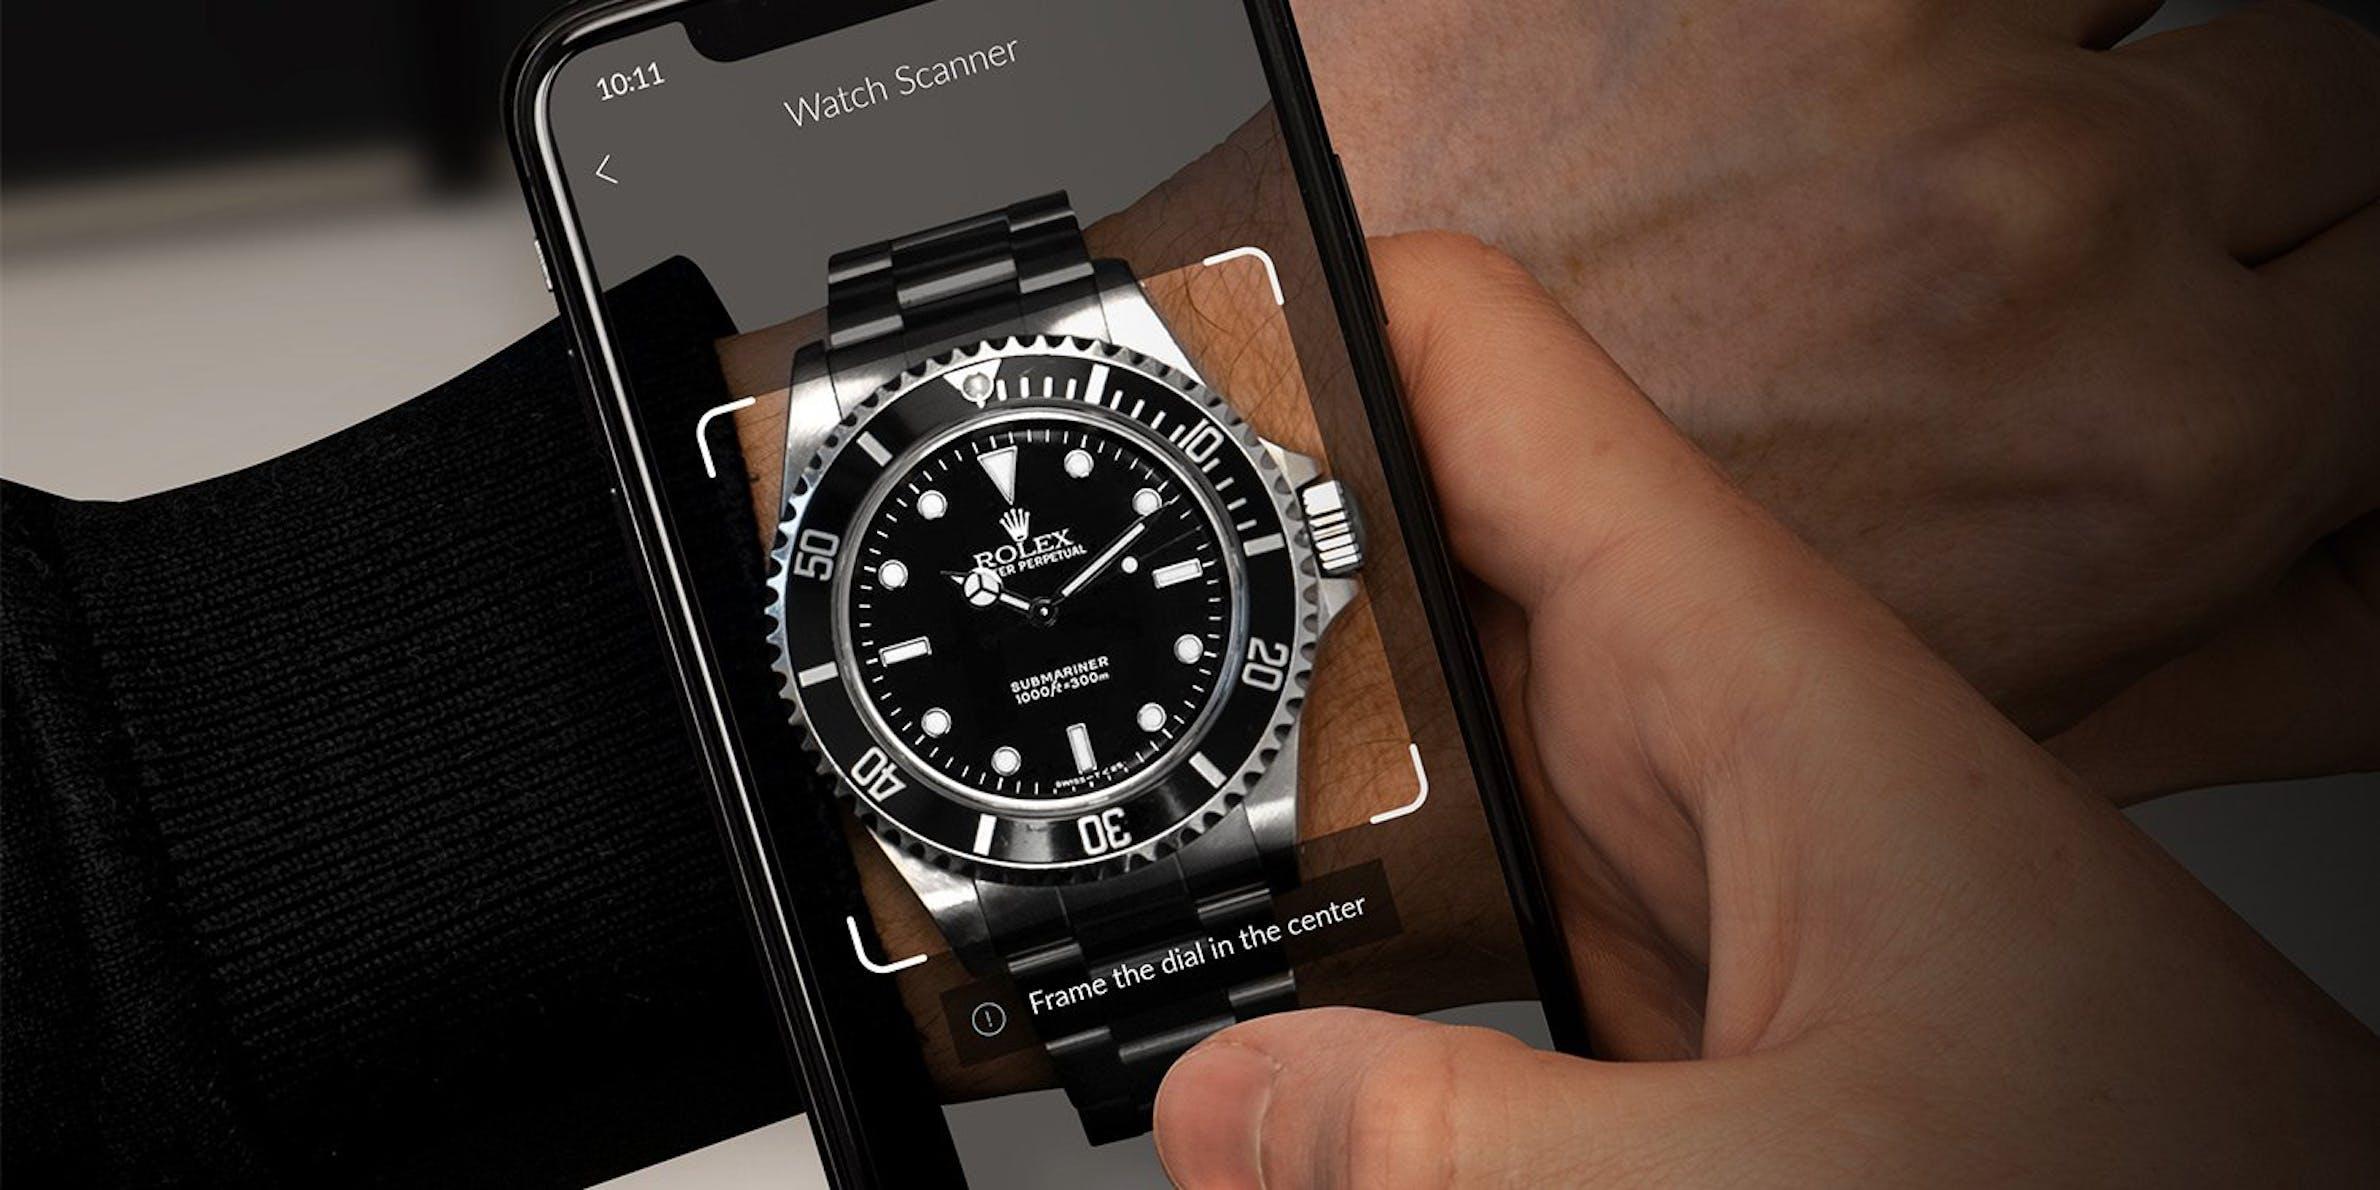 teaser-watch-scanner-2zu1